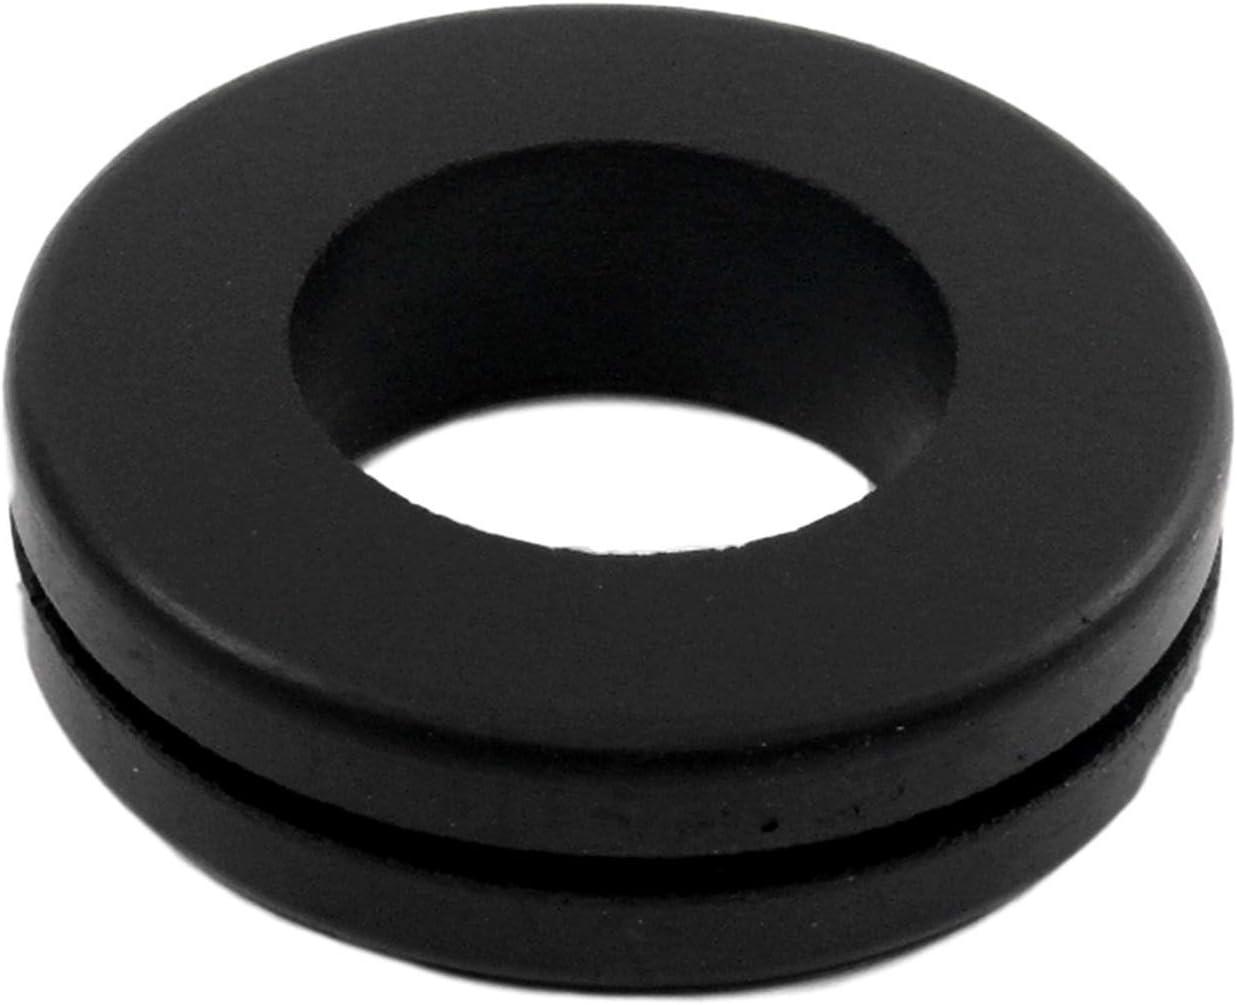 """Rubber Grommets 7/8"""" Inner Diameter - Fits 1 1/4"""" Panel Hole (2)"""